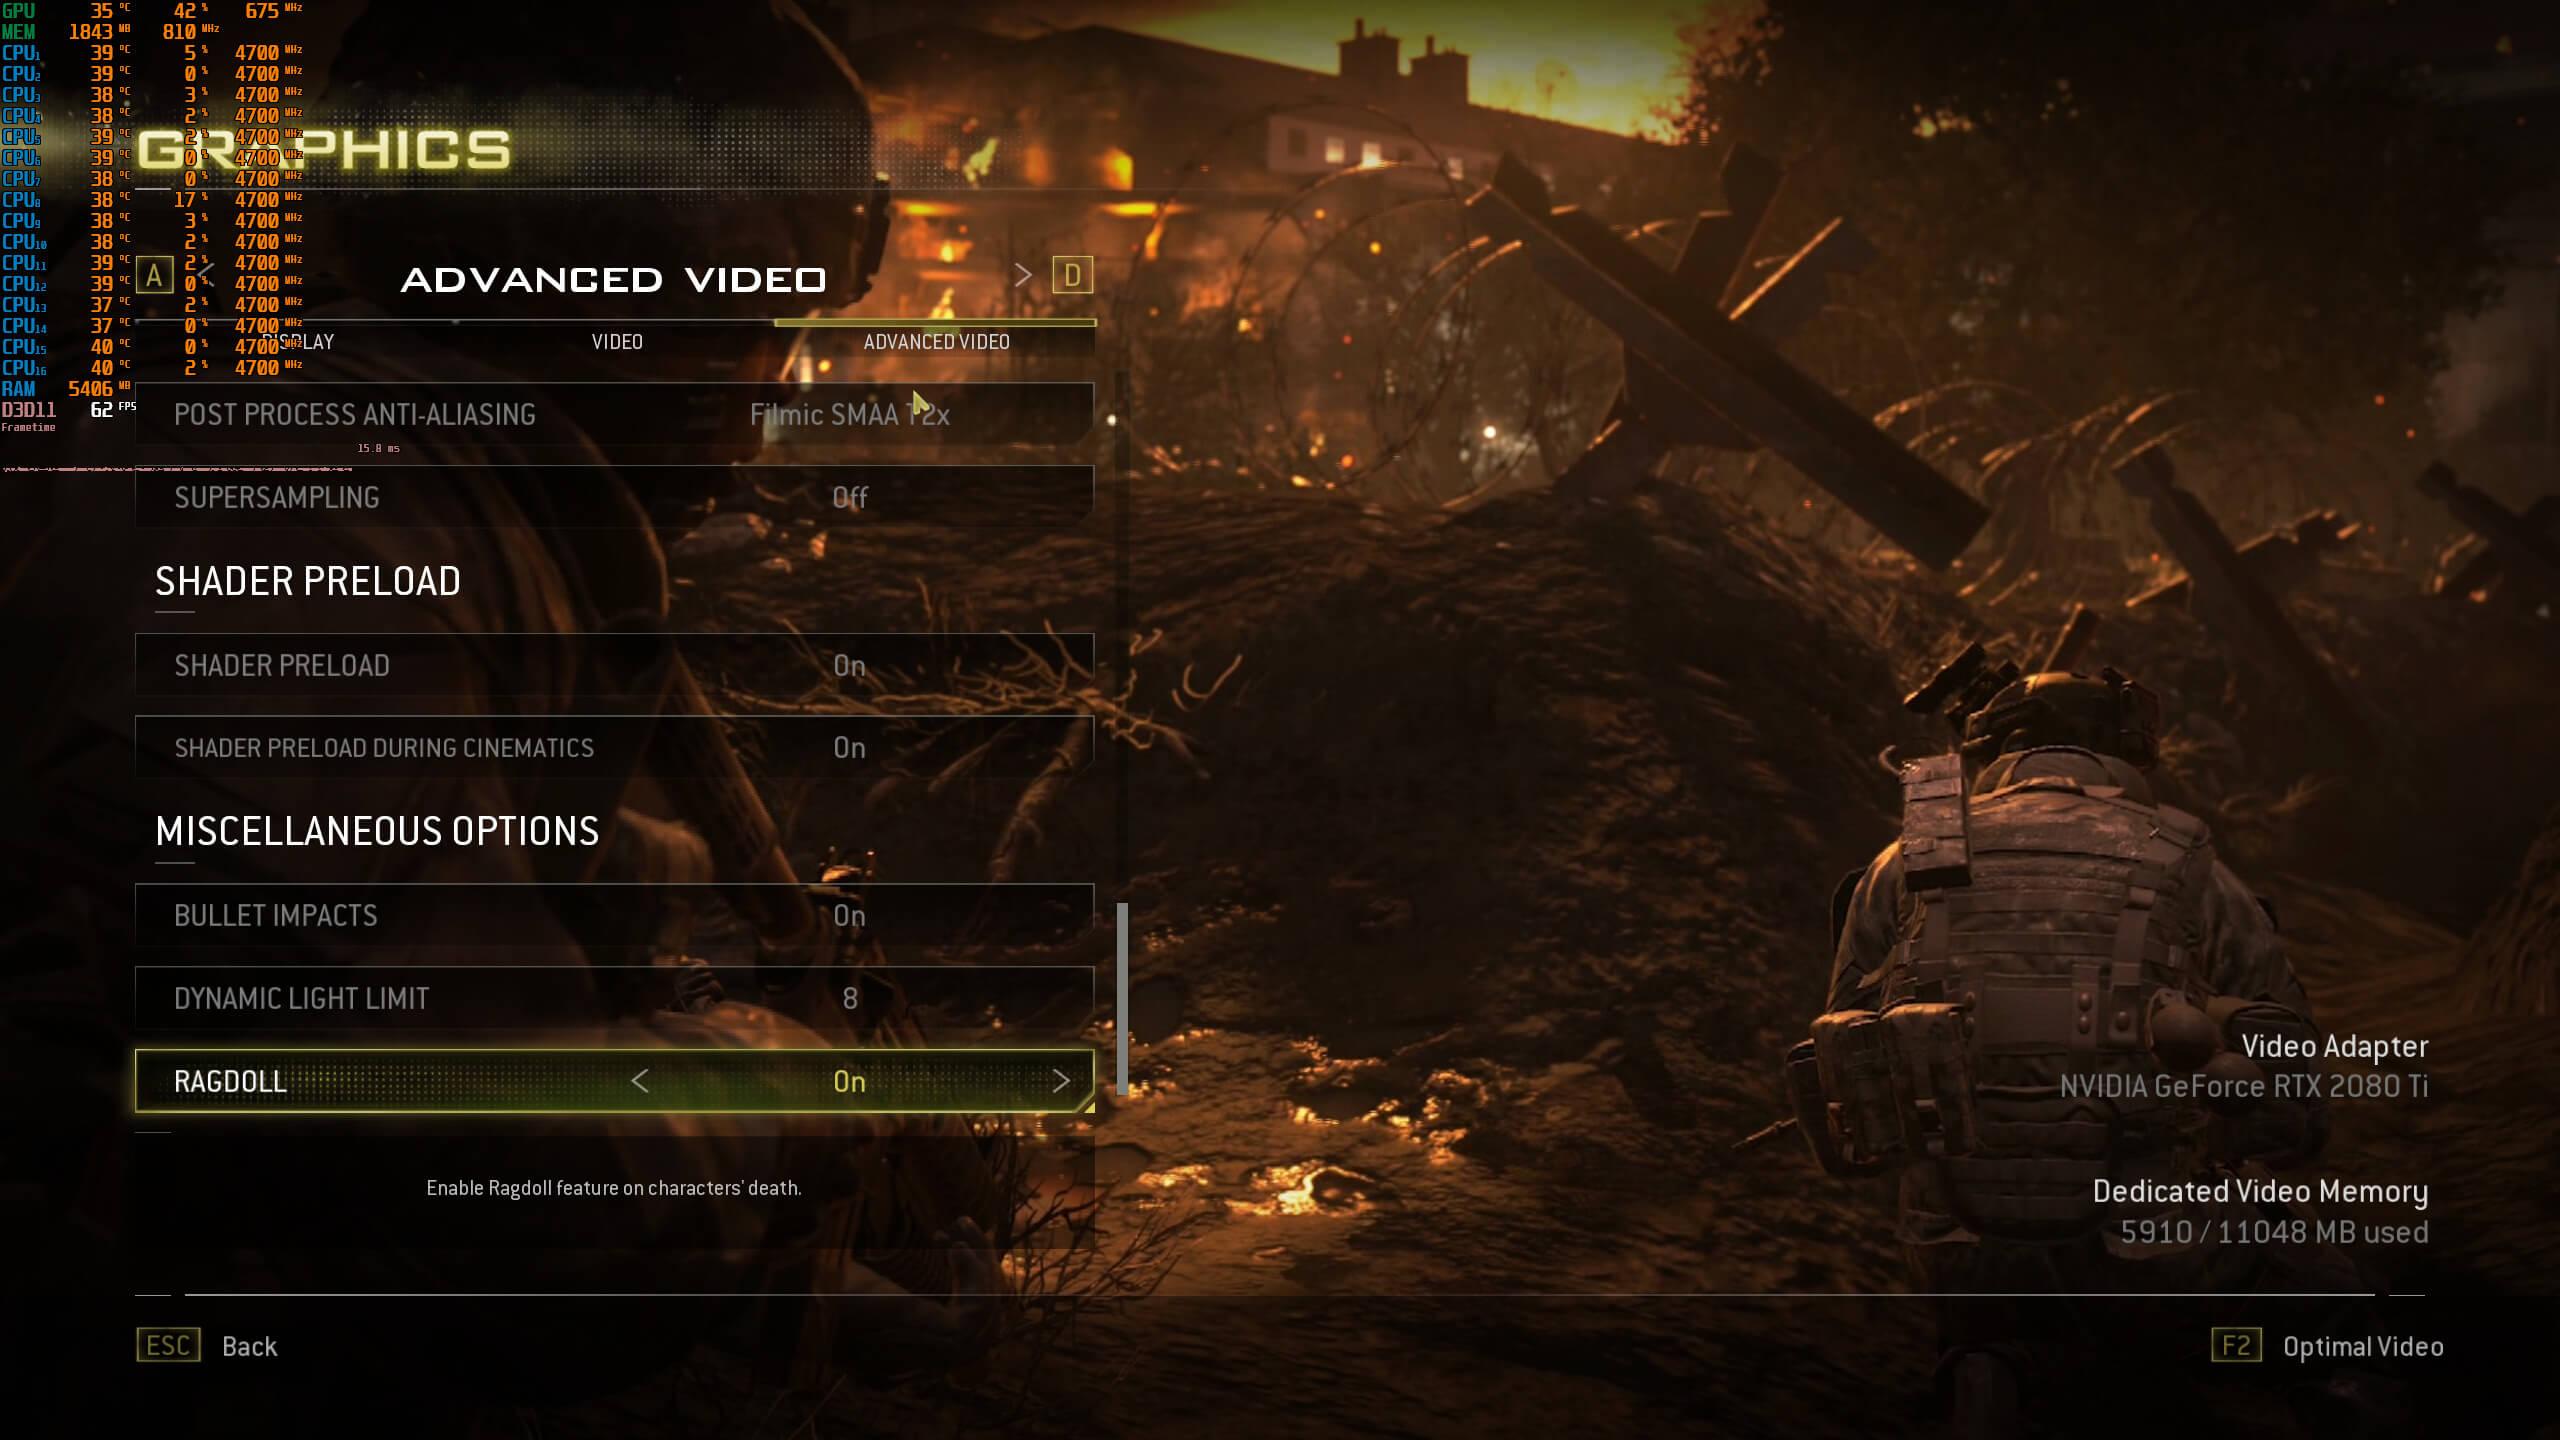 《使命召唤6:现代战争2 重制版》PC版性能表现分析